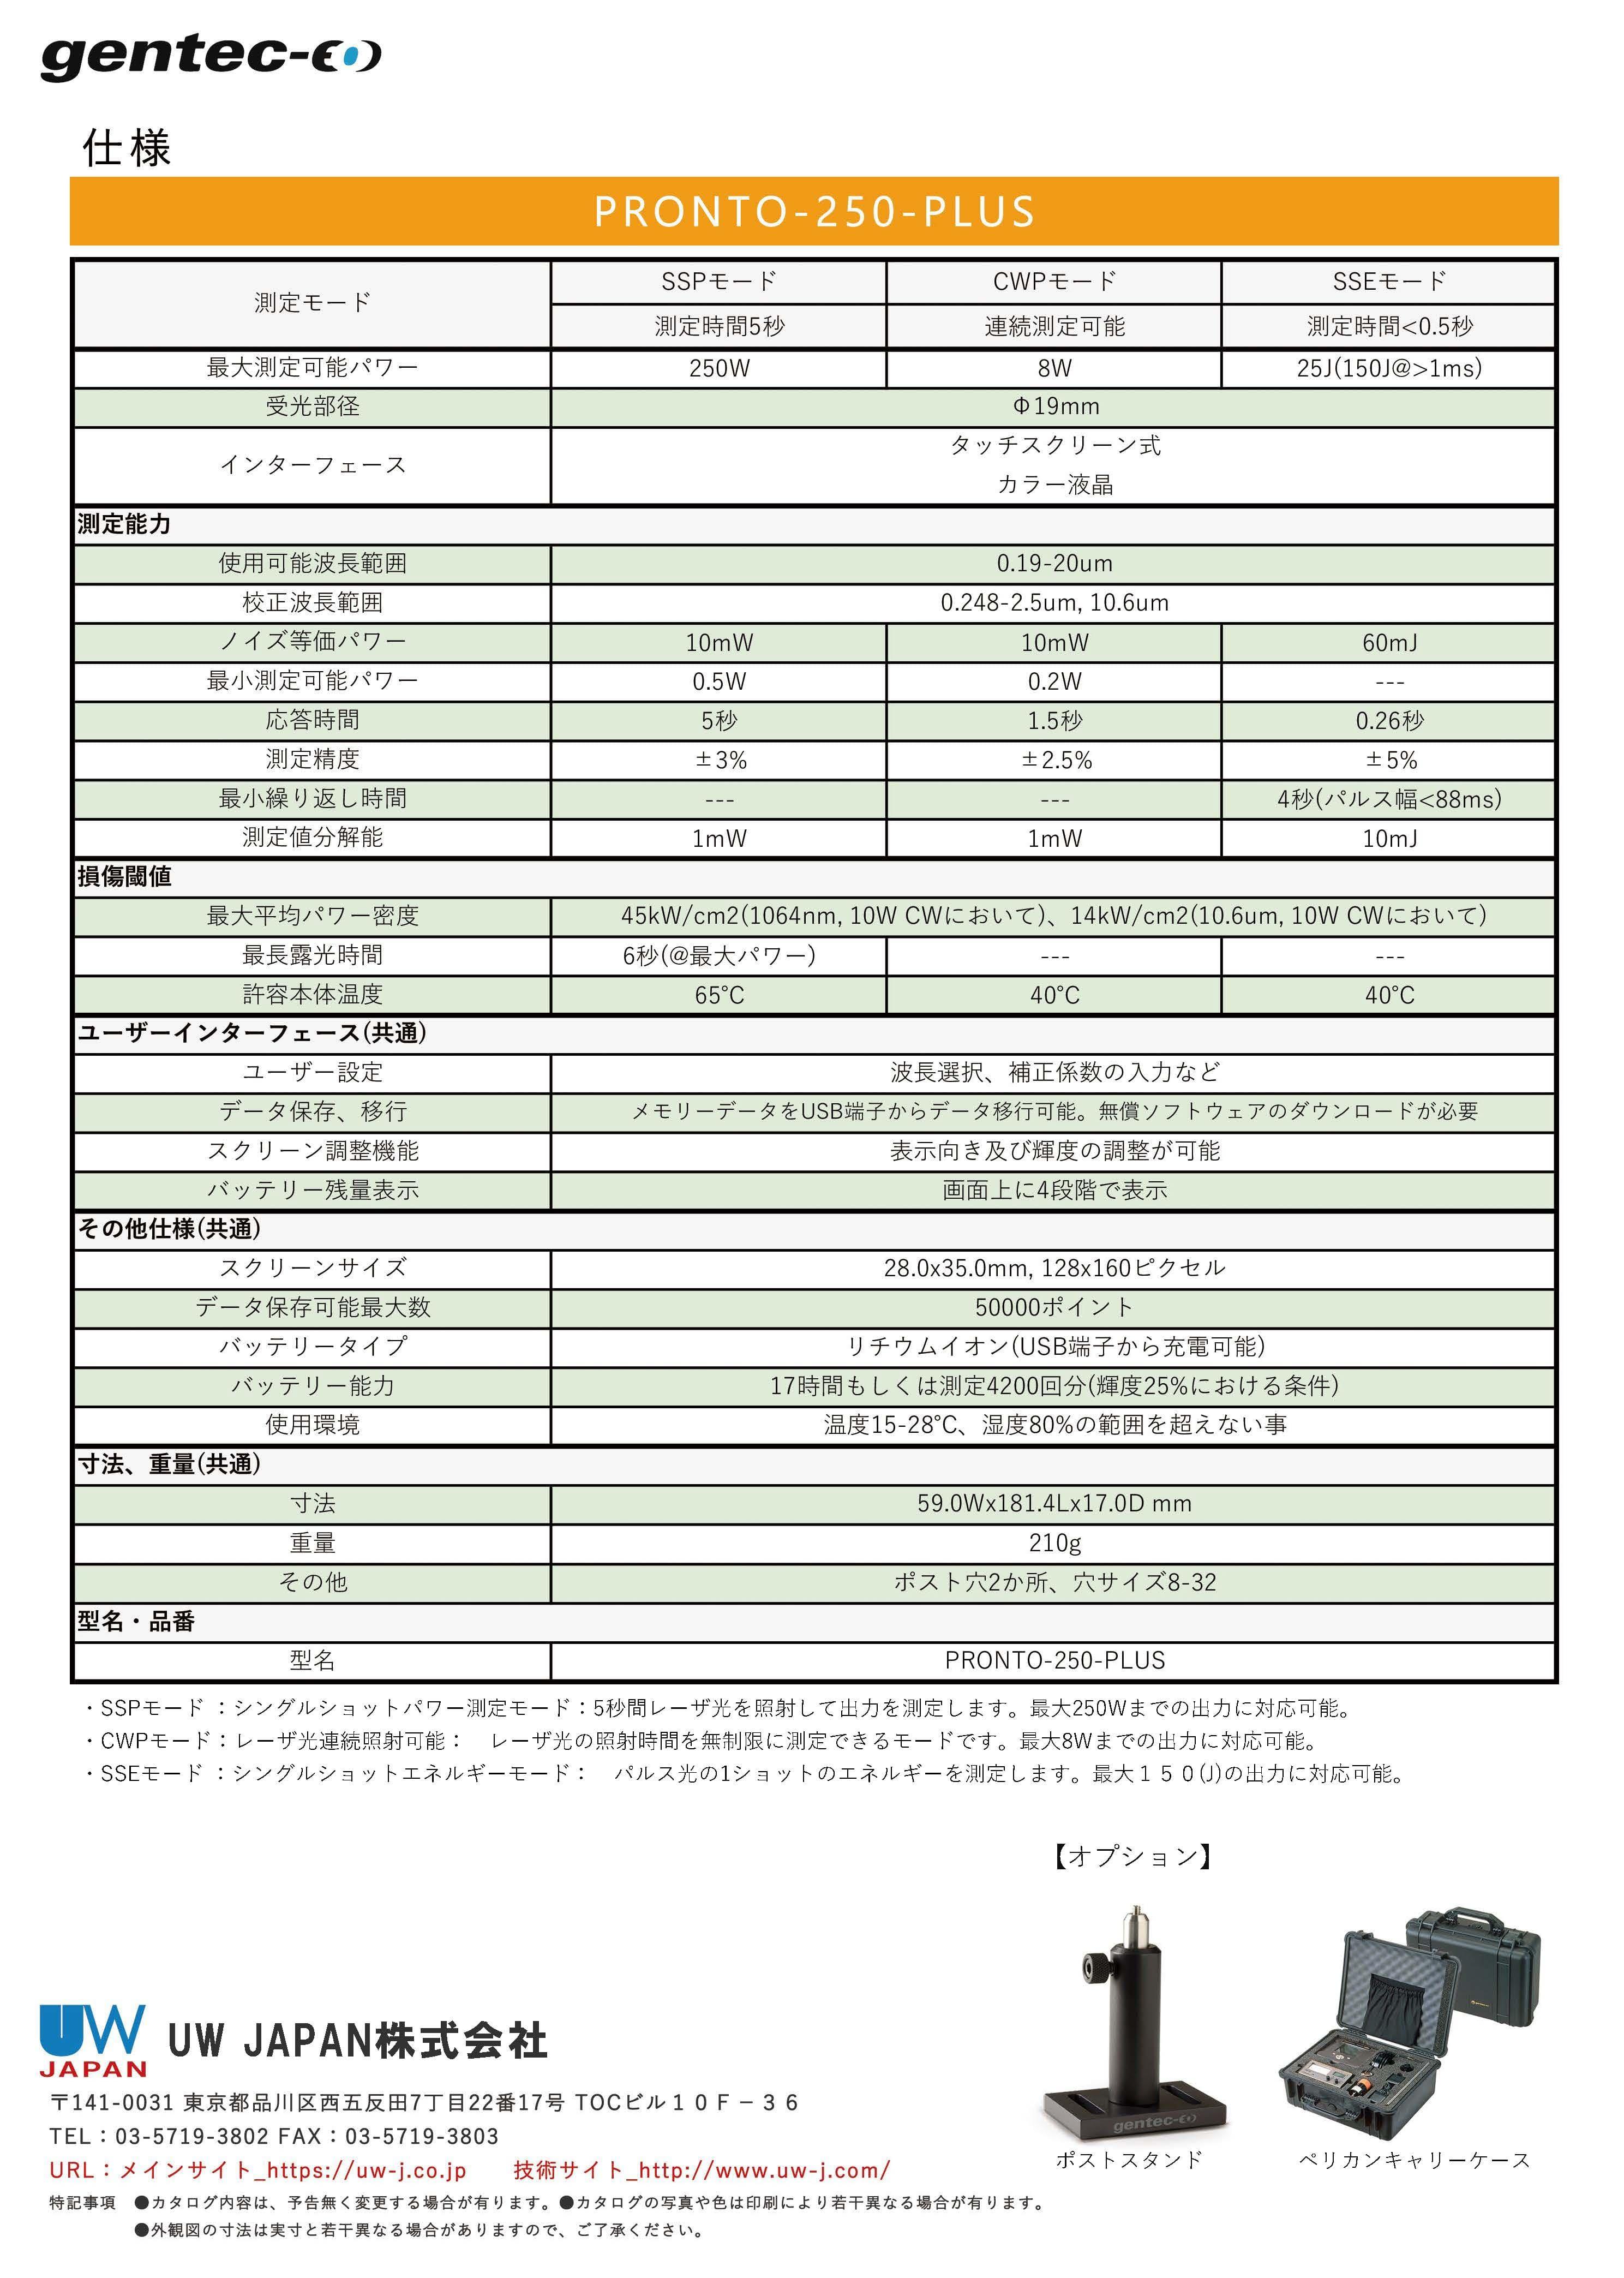 ハンドヘルドタイプレーザパワーメータ詳細2